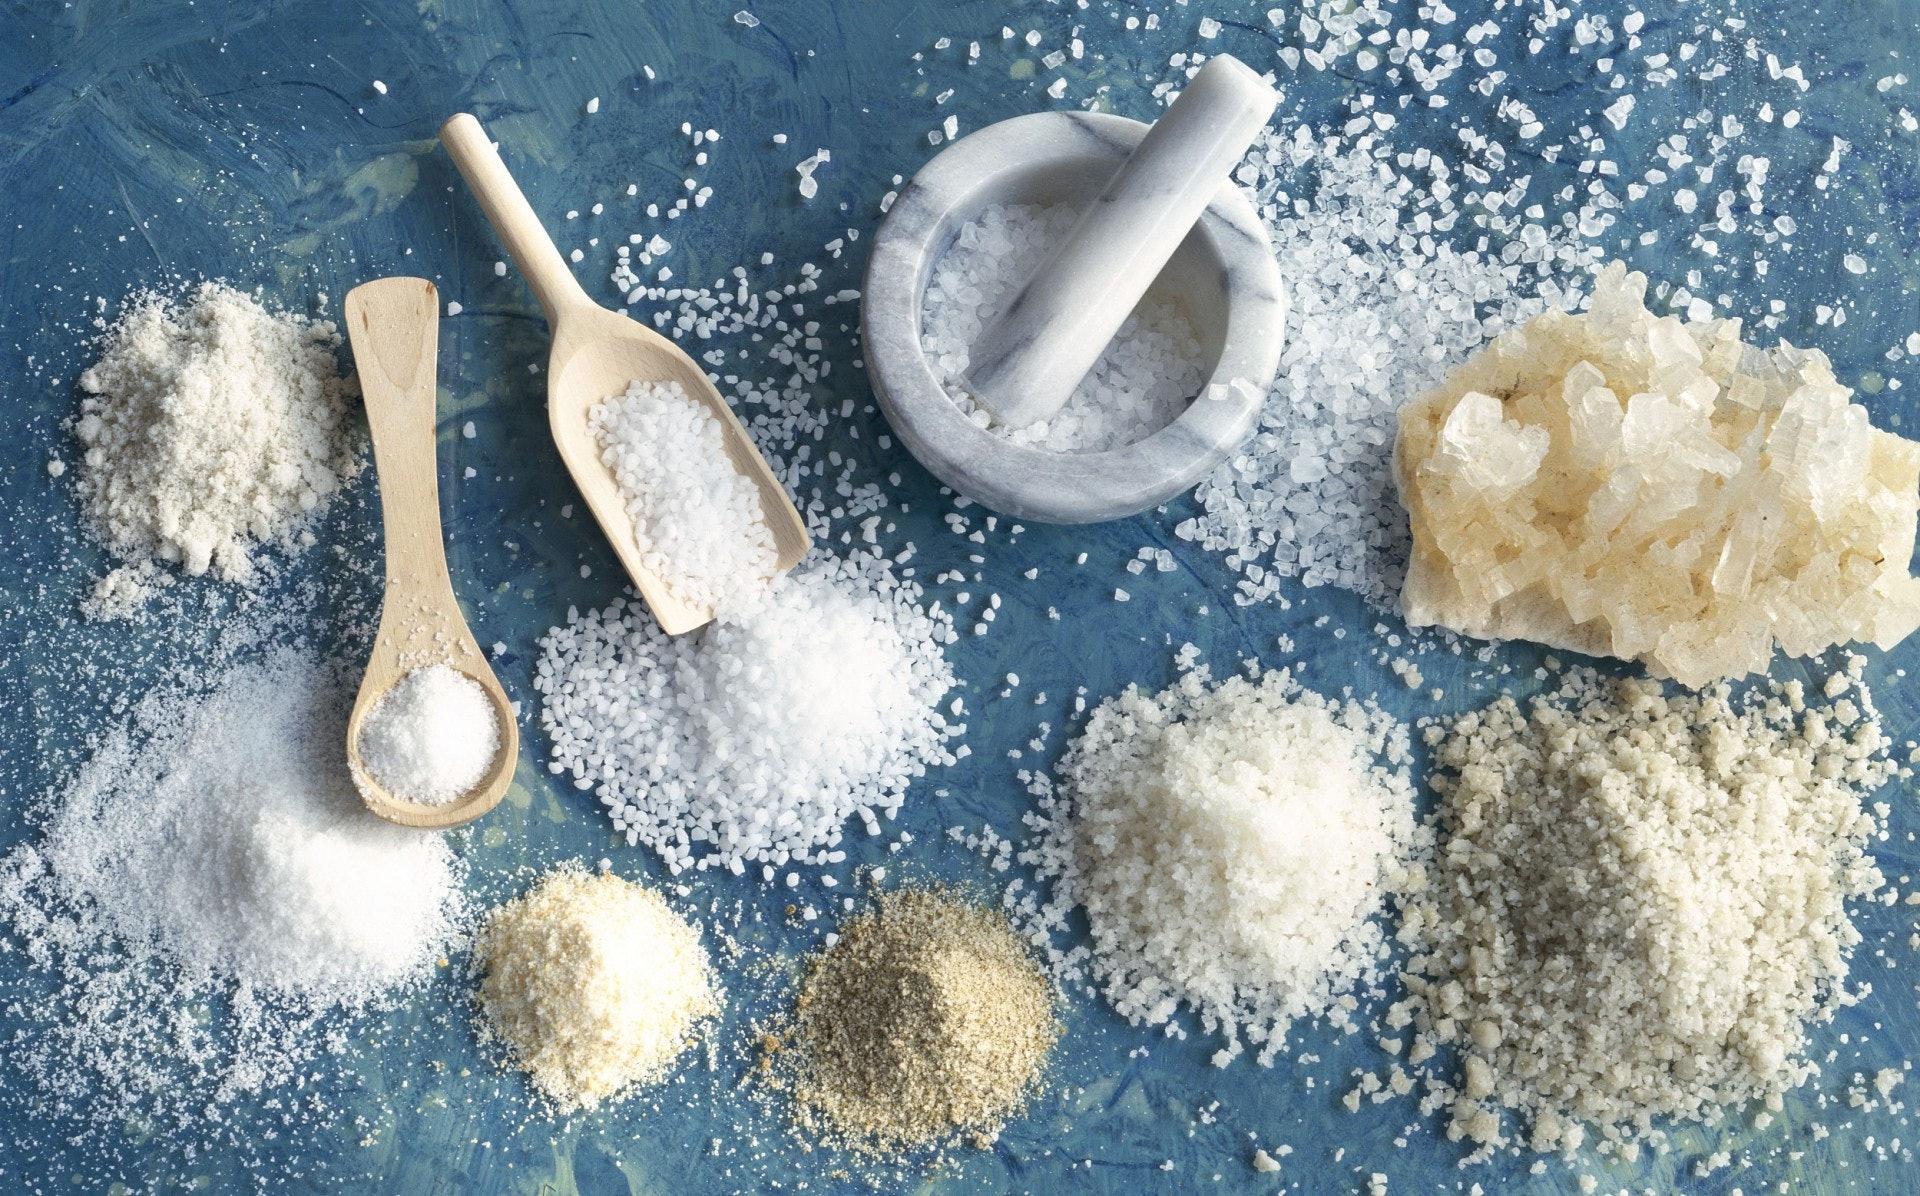 体内积存过量é'质,可能提升高血压及中风的风险,高é'的定义,即每100克食物含超过600毫克é'(1.5克盐)。 (VCG)